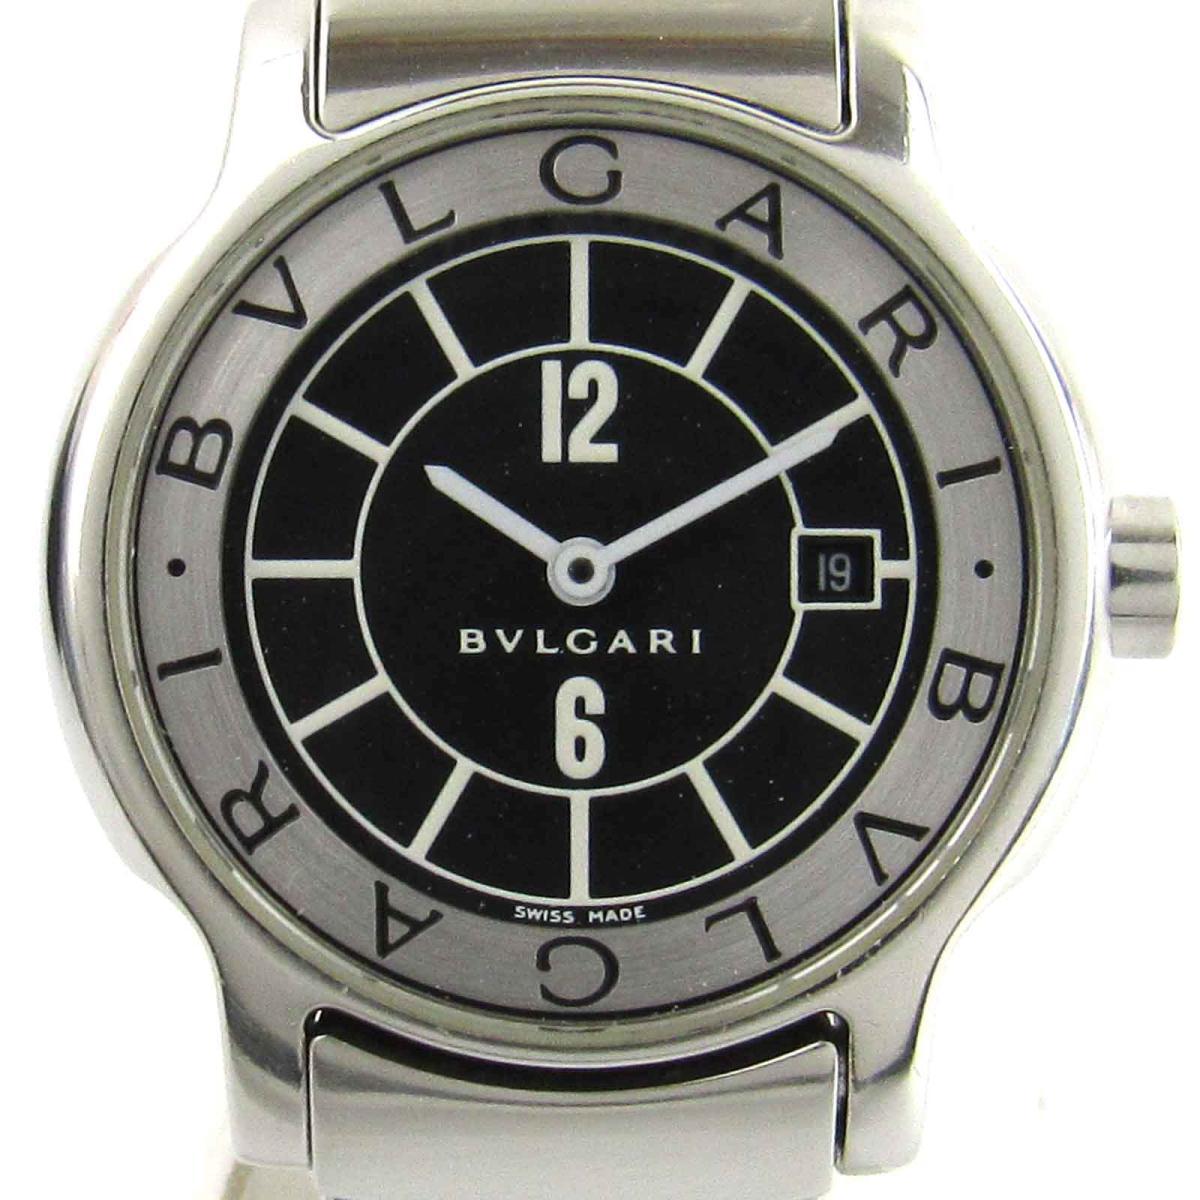 【中古】 ブルガリ ソロテンポ ウォッチ 腕時計 レディース ステンレススチール (SS) (ST29S) | BVLGARI クオーツ クォーツ 時計 ソロテンポ 美品 ブランドオフ